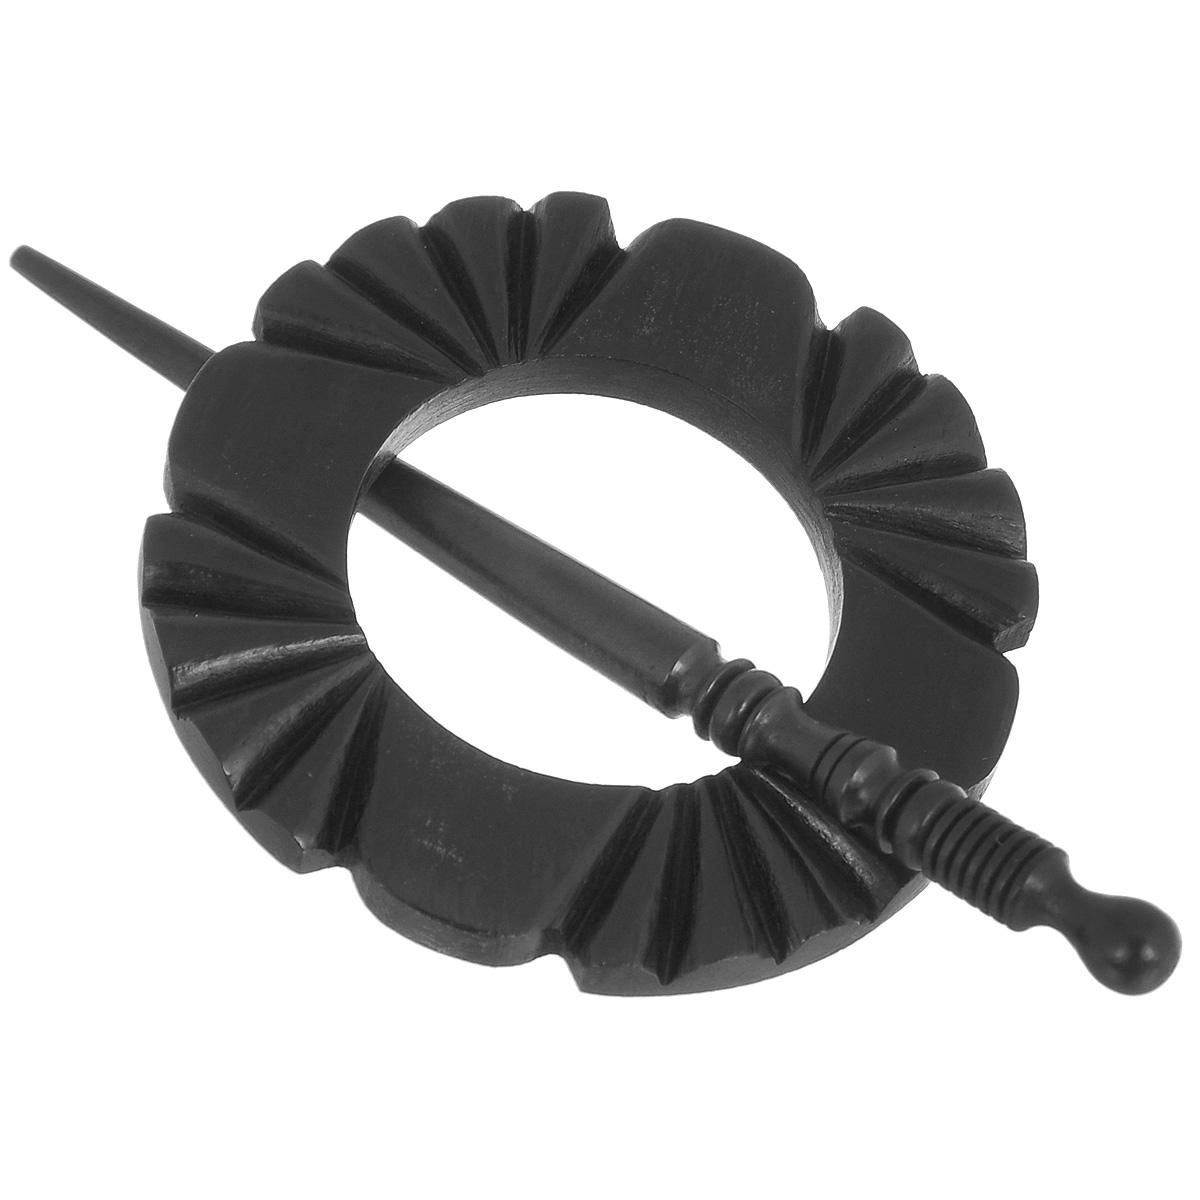 Застежка декоративная Prym Розетка, цвет: черный417753Декоративная застежка Prym Розетка изготовлена из натурального дерева и выполнена в виде палочки и декоративного элемента - розетки с большим отверстием по центру. С ее помощью можно пристегнуть кардиган, пончо, палантин или шаль или просто одеть на шерстяной свитер в качестве украшения. Этот красивый, но в то же время функциональный аксессуар непременно понравится вам, а также станет замечательным подарком родным и близким людям! Длина палочки: 13 см. Диаметр декоративного элемента: 7,7 см.